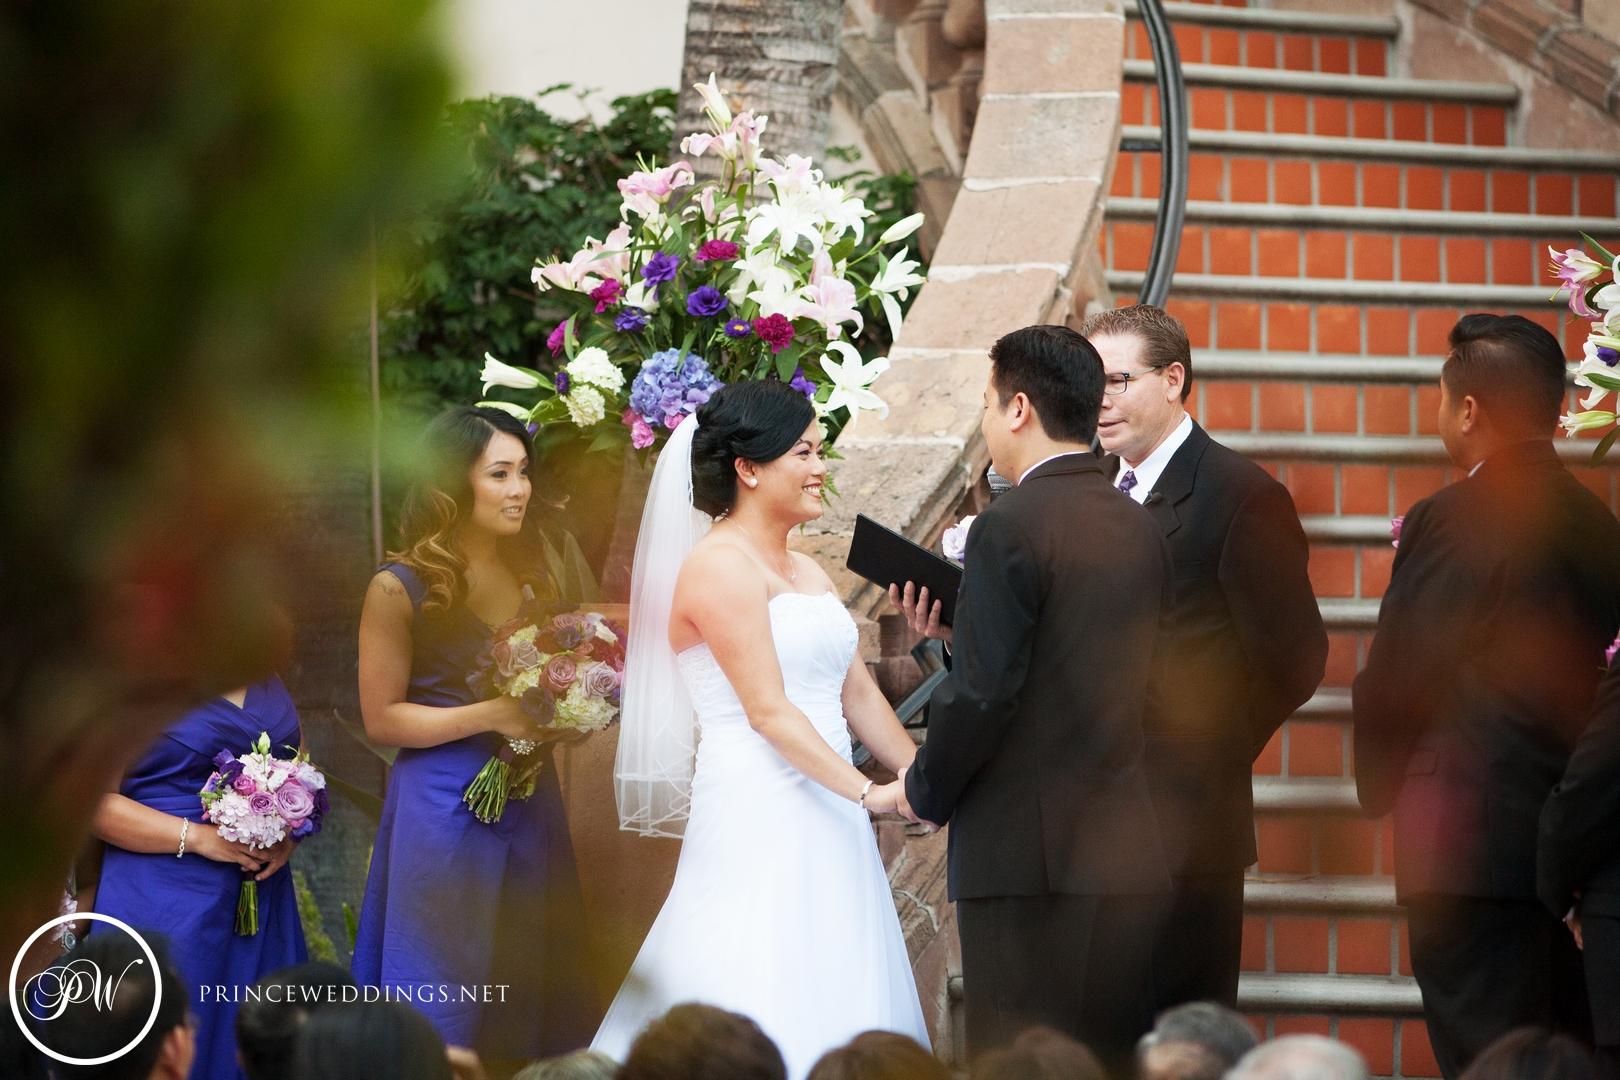 TurnipRose_Wedding_Photography_James+Luisa63.jpg